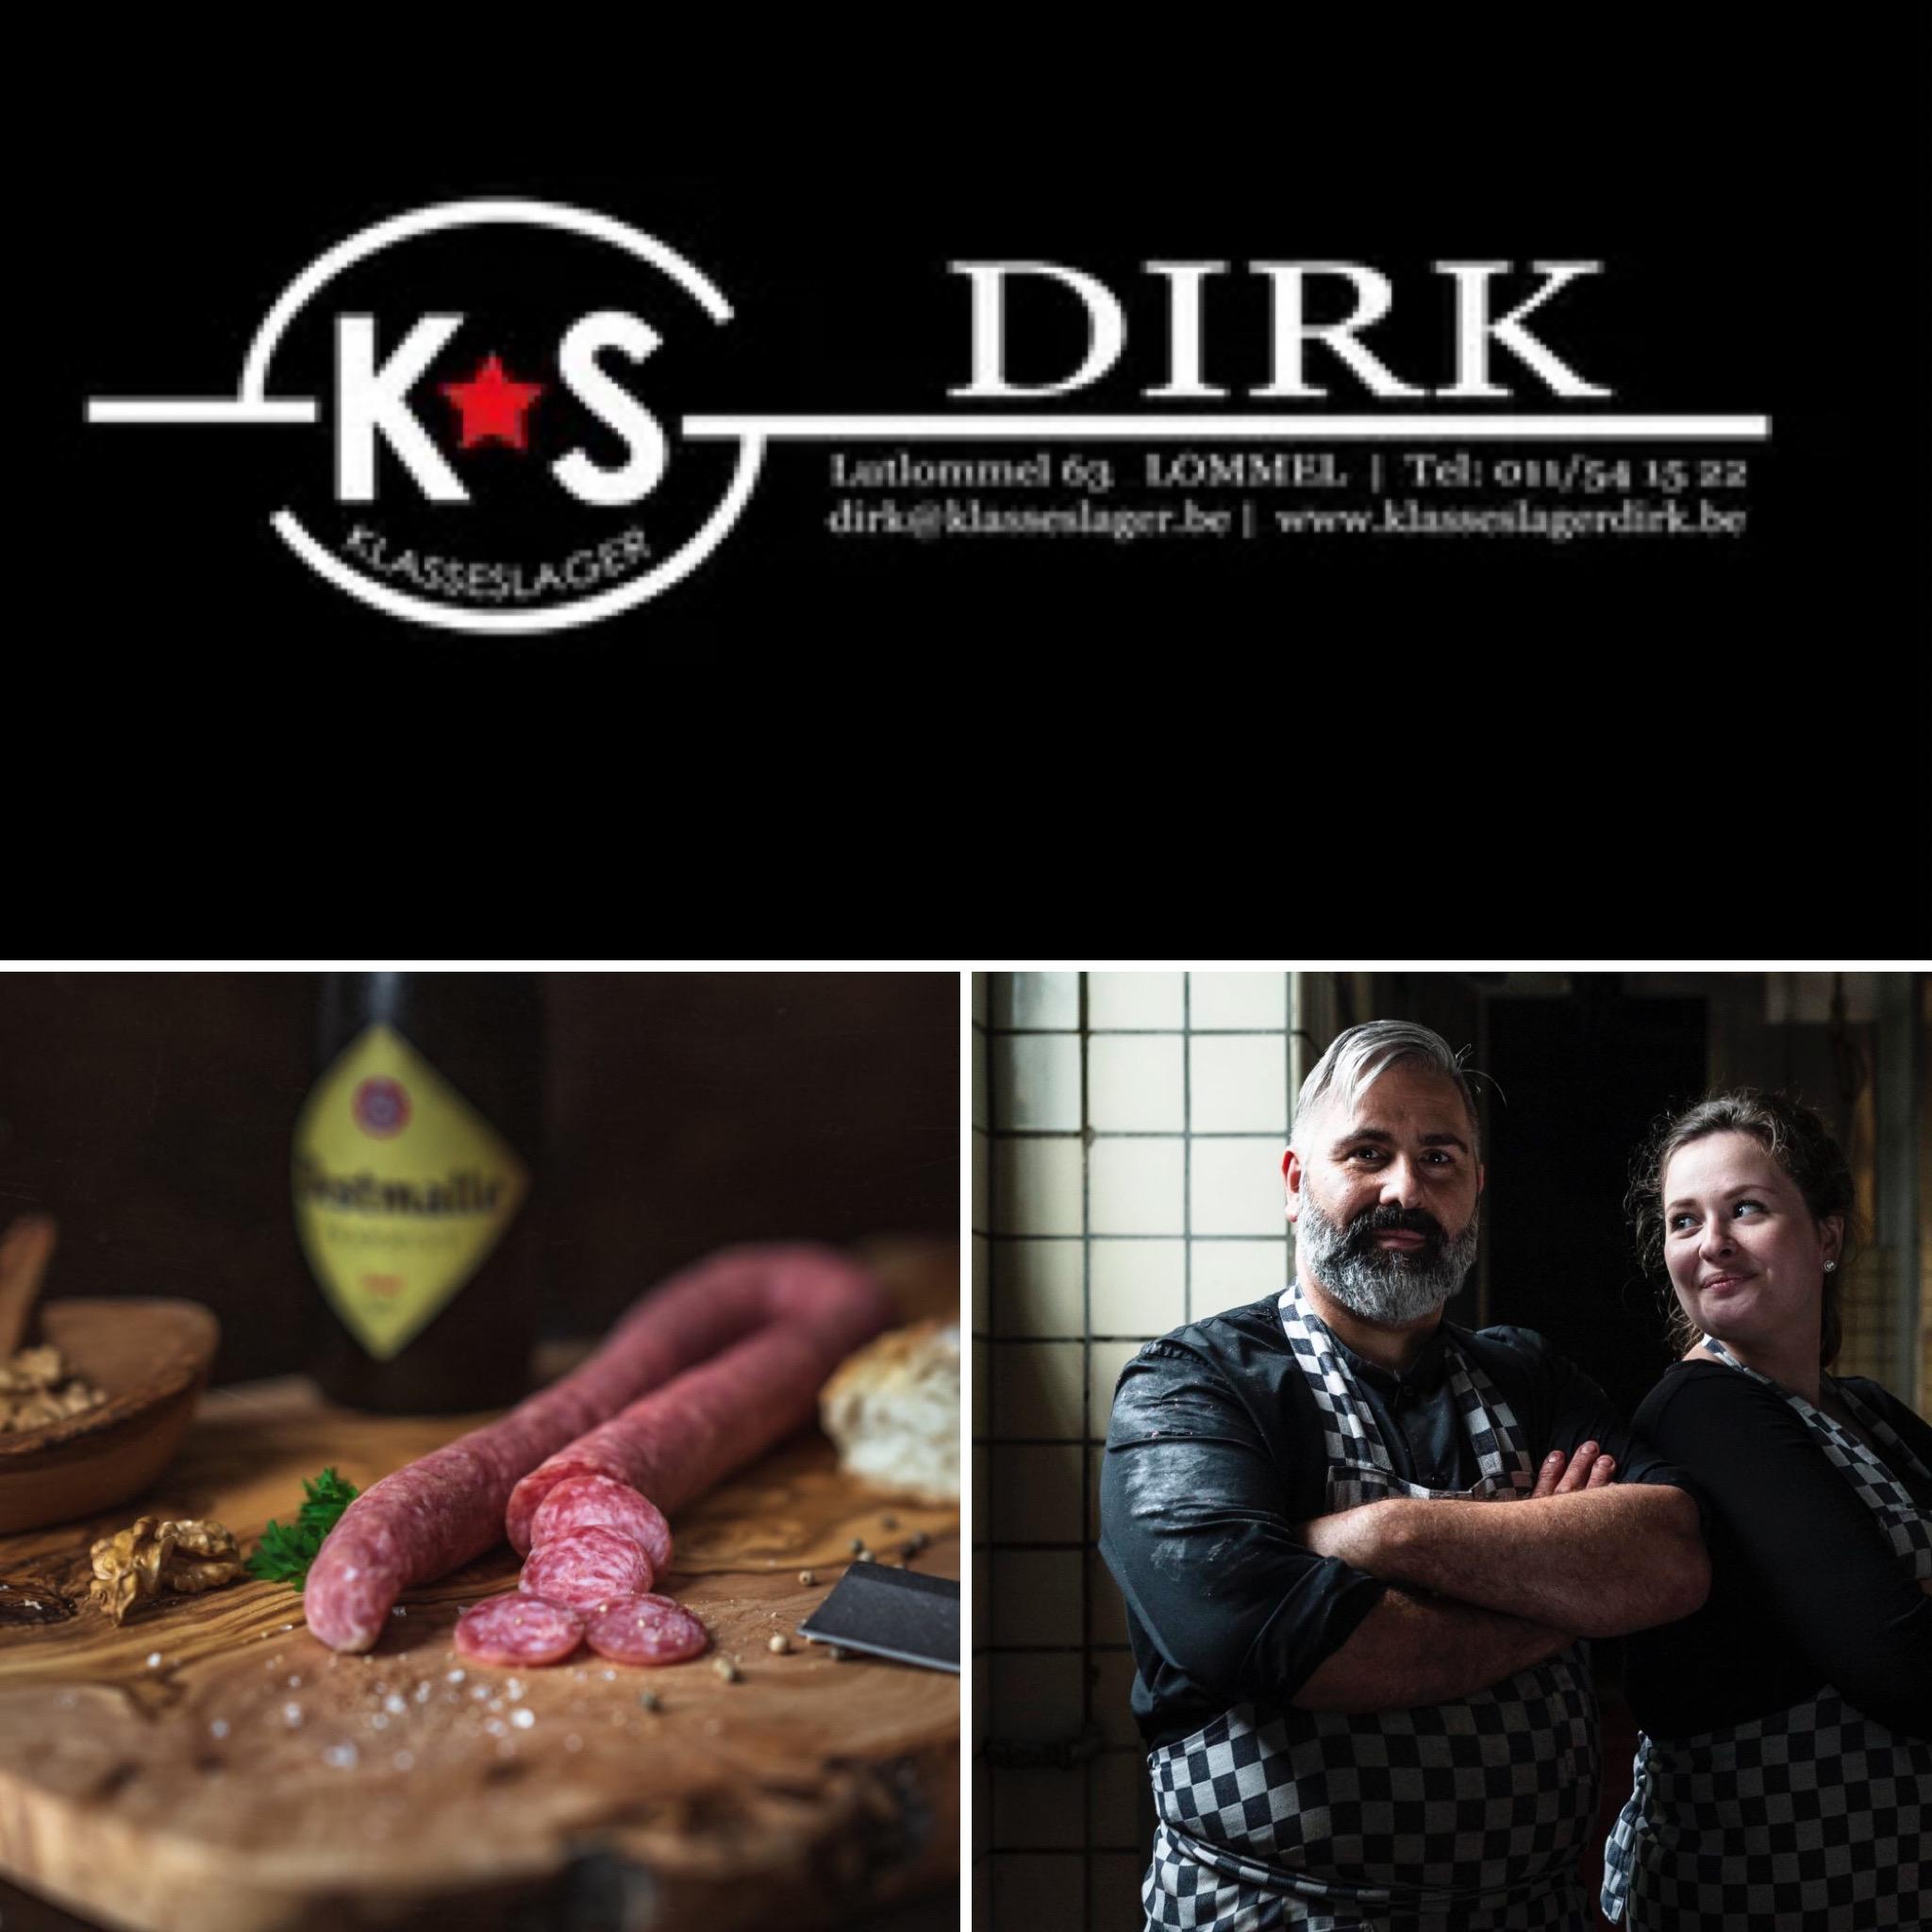 Nieuw verkooppunt: Klasseslager Dirk